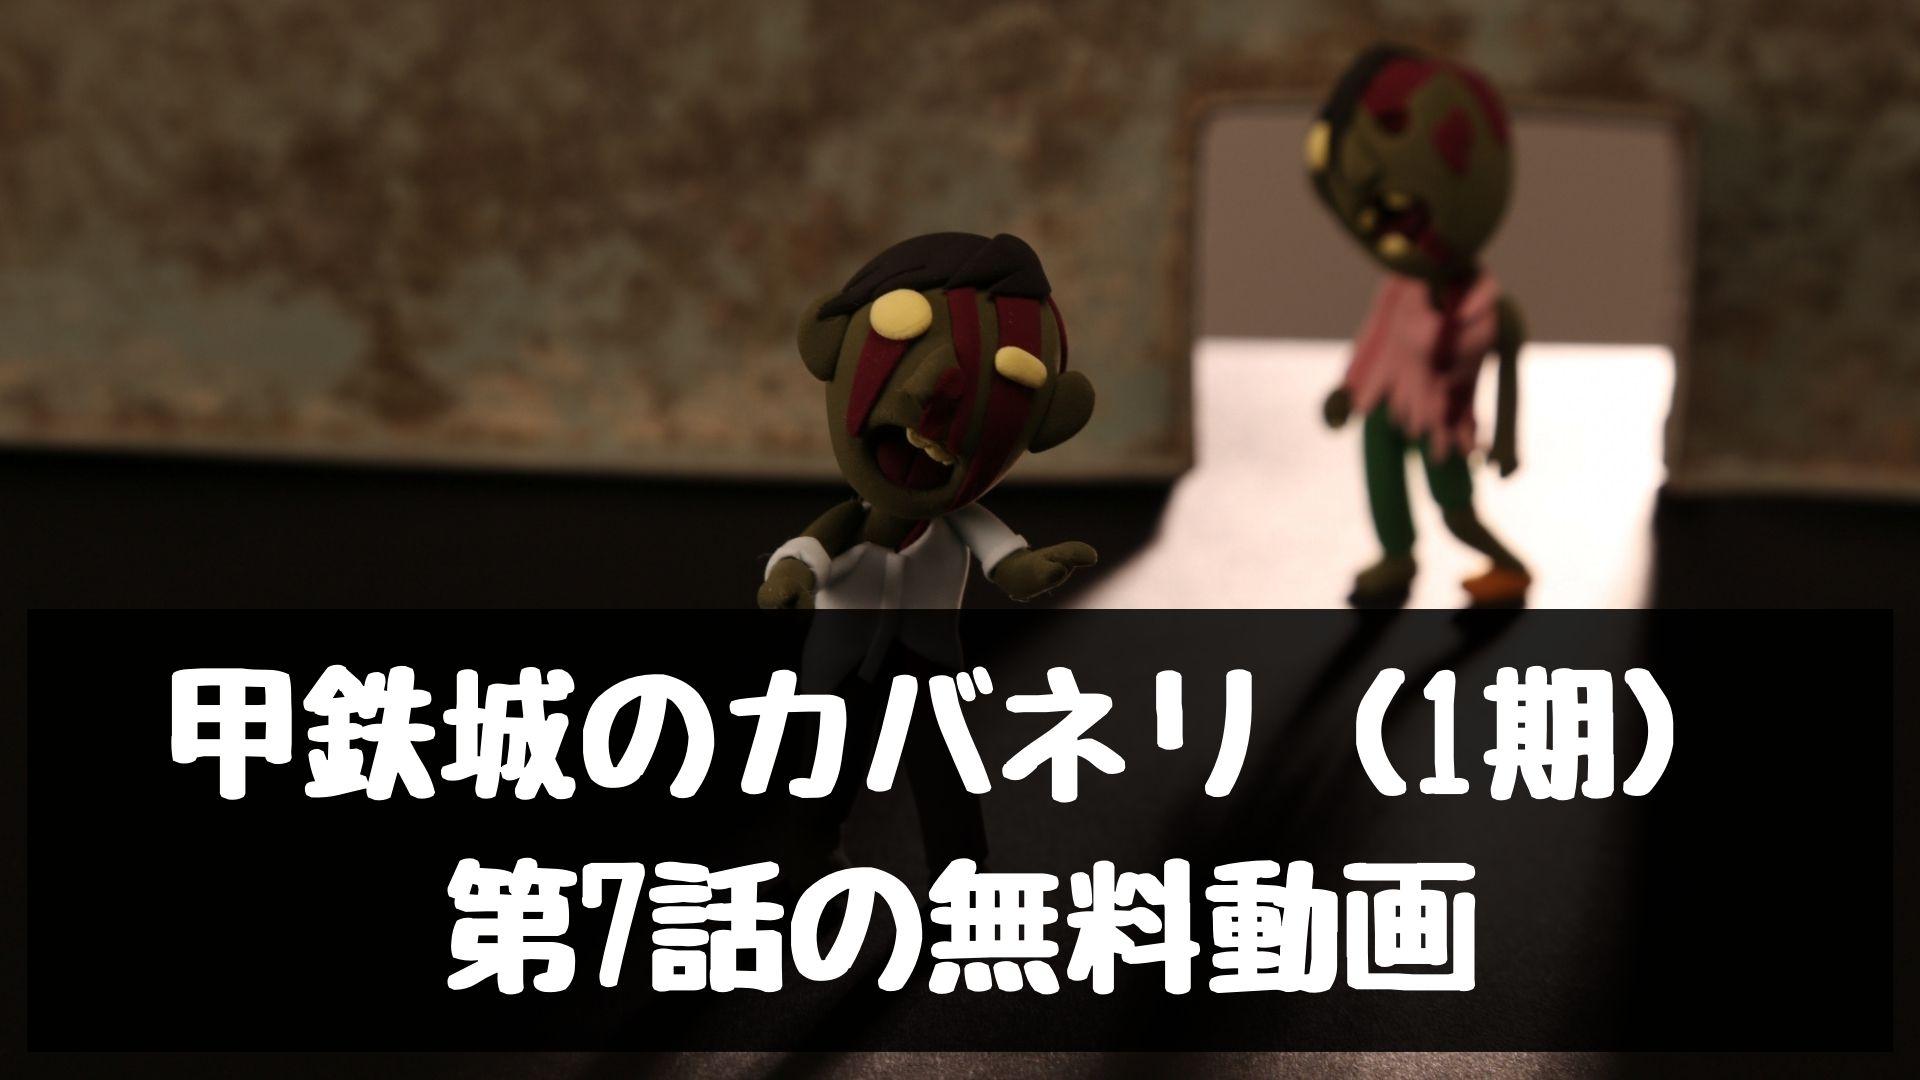 甲鉄城のカバネリ(1期) 第7話の無料動画